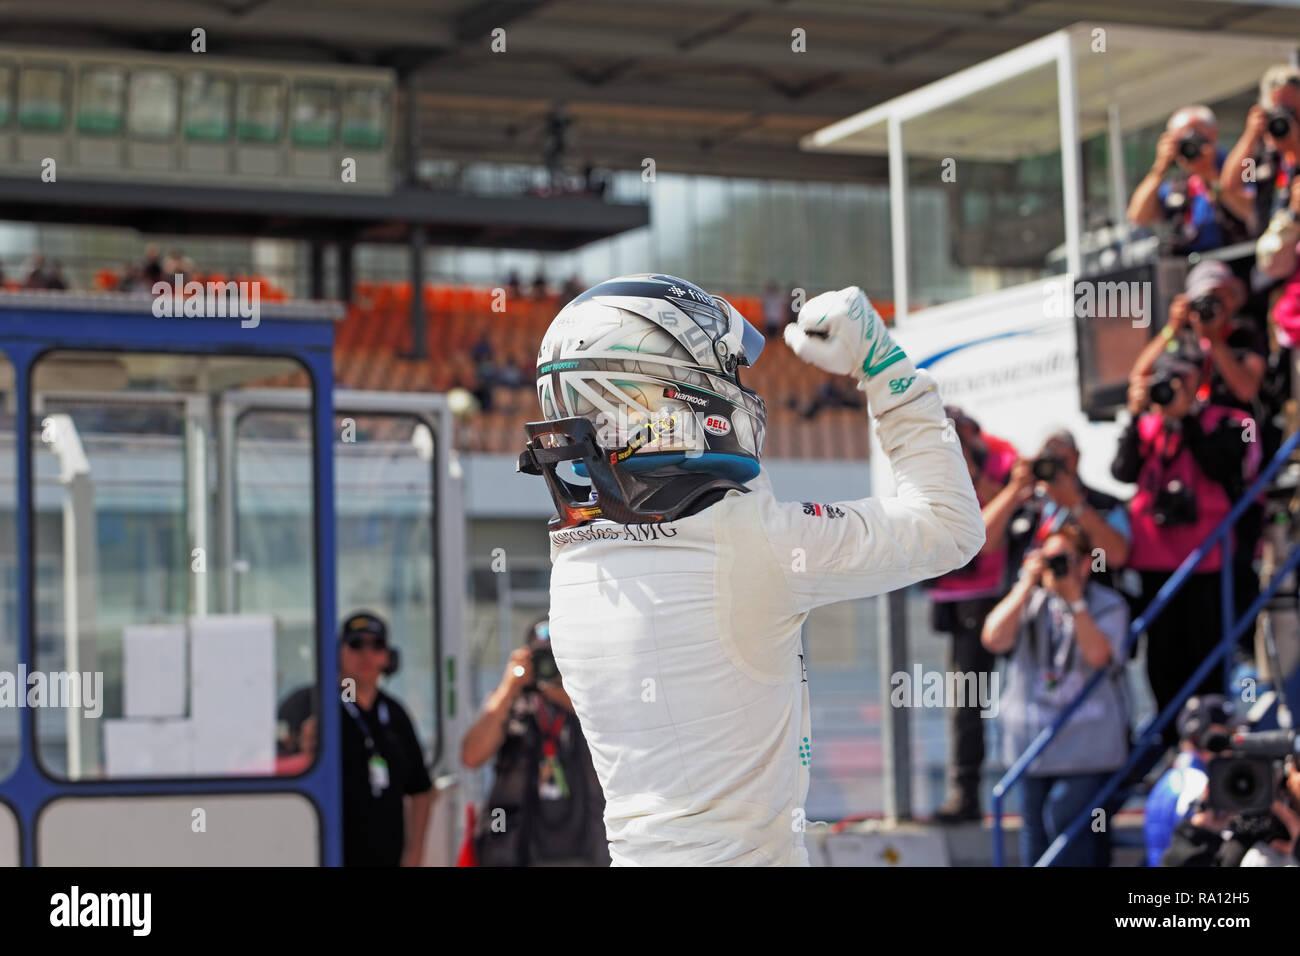 Garry Paffett, GBR, Mercedes AMG Petronas, Rennen 1, Hockenheim, 2018 - Stock Image